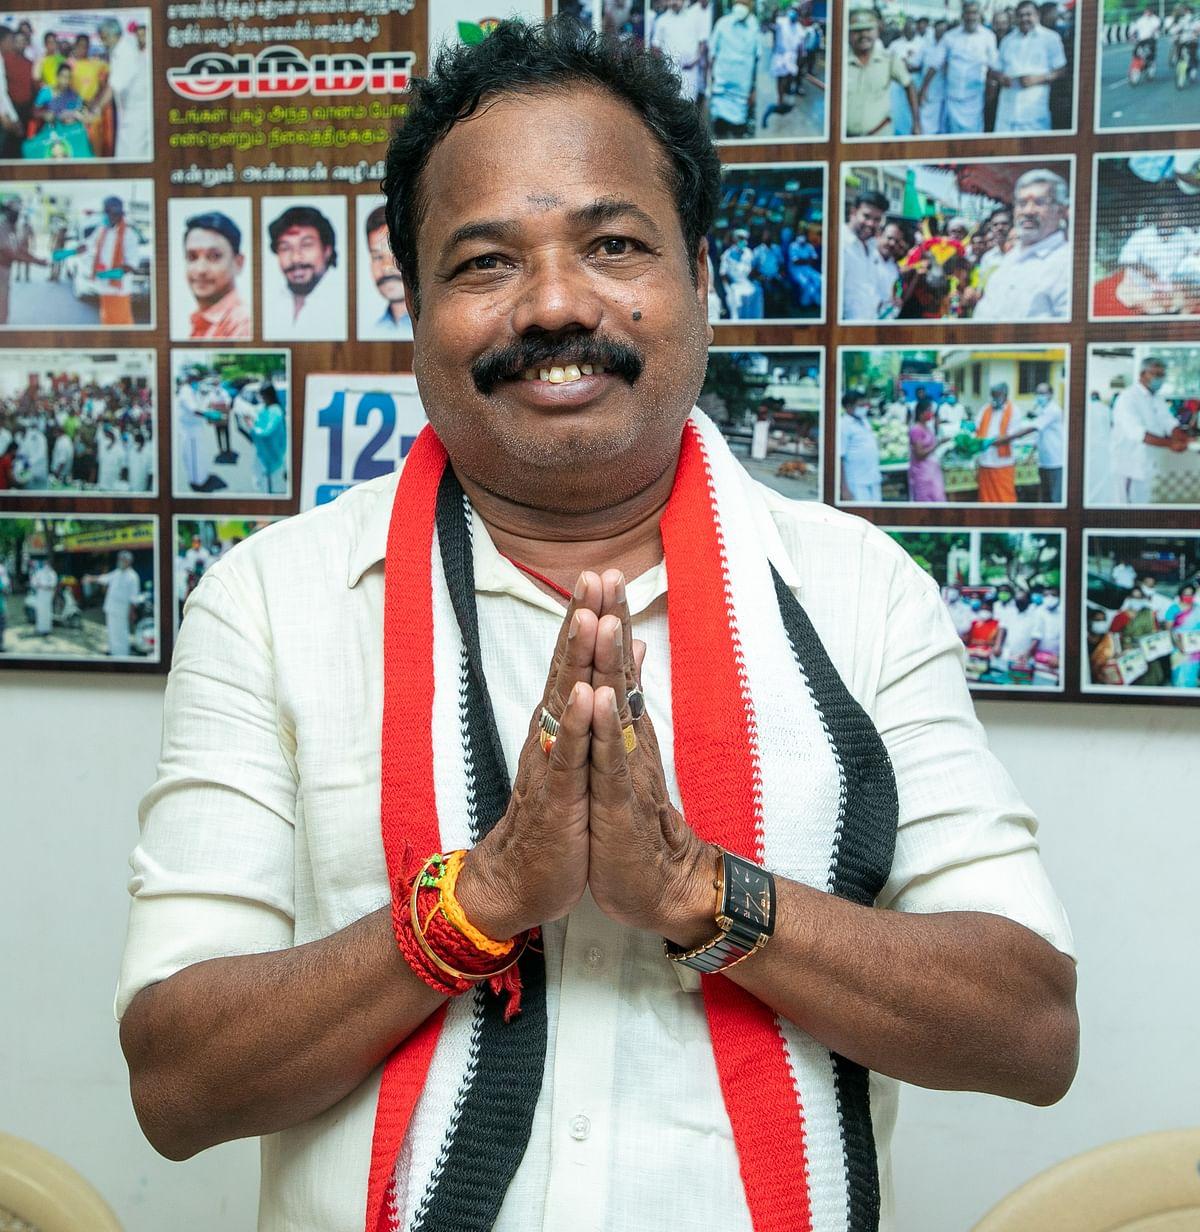 விஐபி தொகுதி: திருச்சி மேற்கு... மூன்றாவது முறையாக முந்துவாரா நேரு?